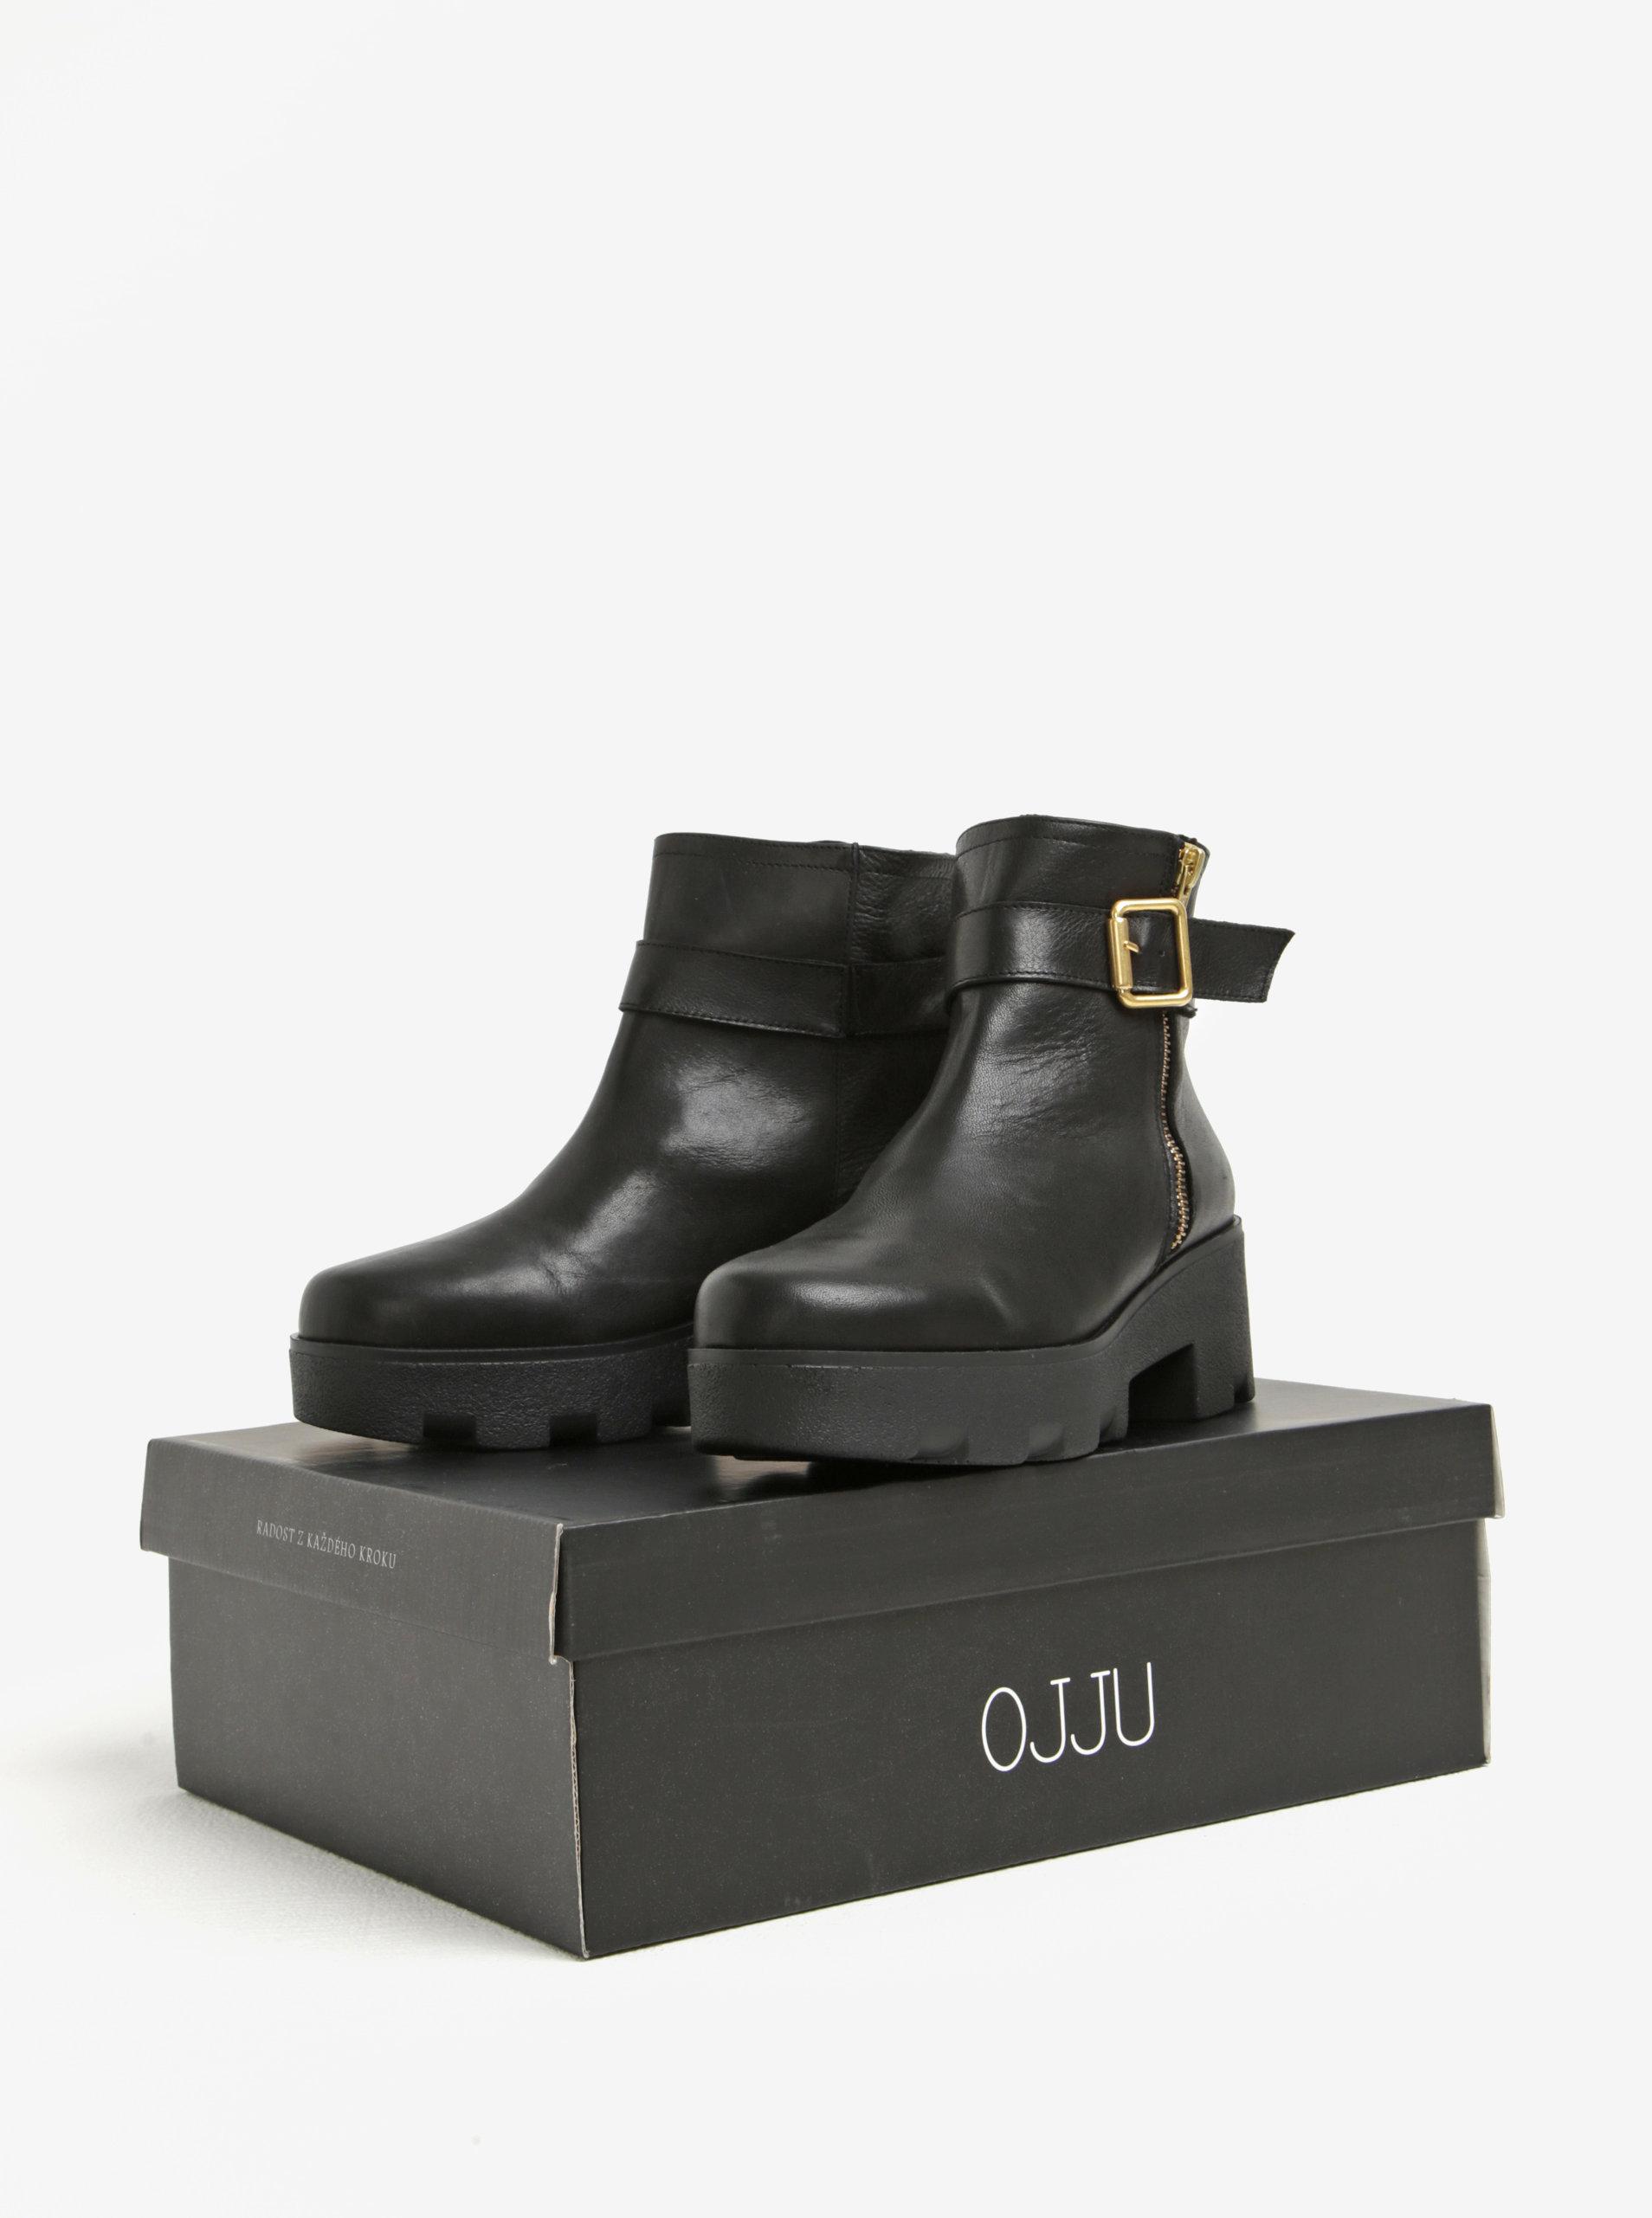 c9b45f0e8931 Čierne kožené členkové topánky na platforme OJJU ...